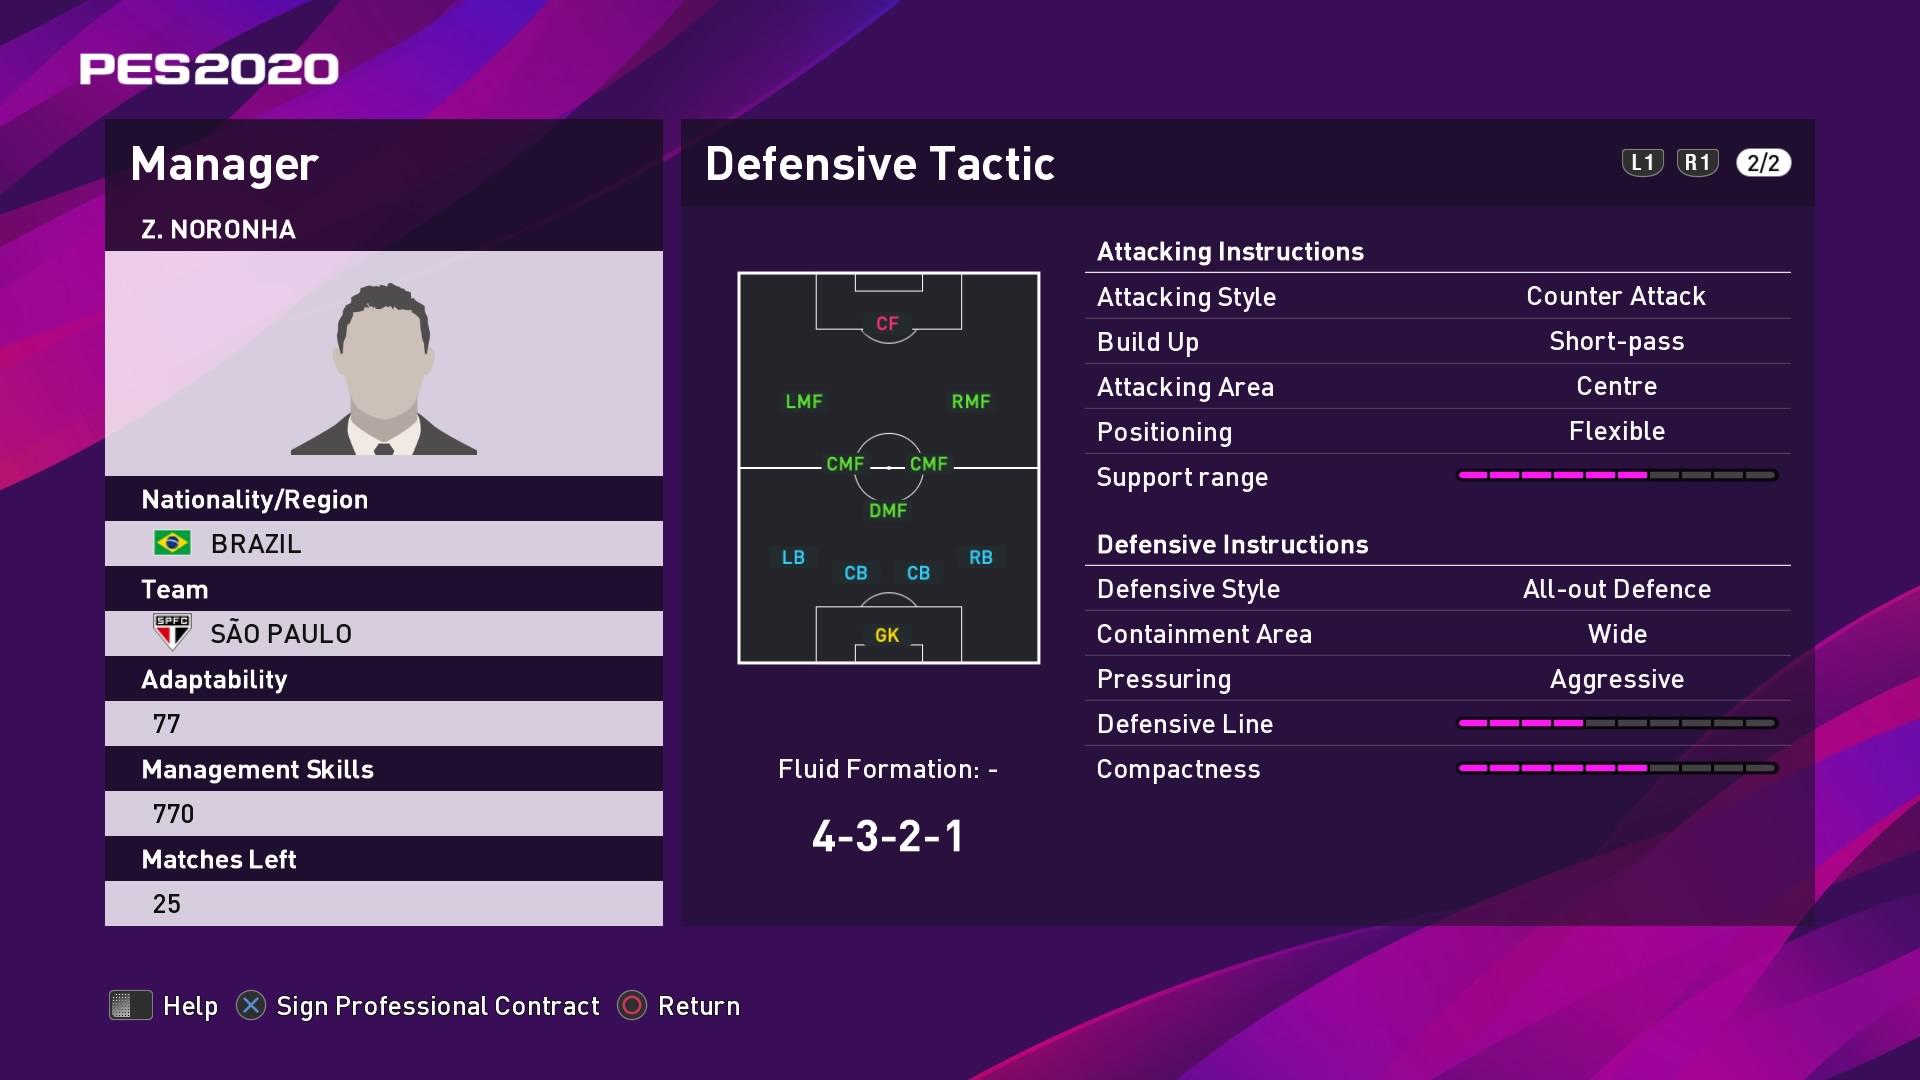 Z. Noronha (Fernando Diniz) Defensive Tactic in PES 2020 myClub